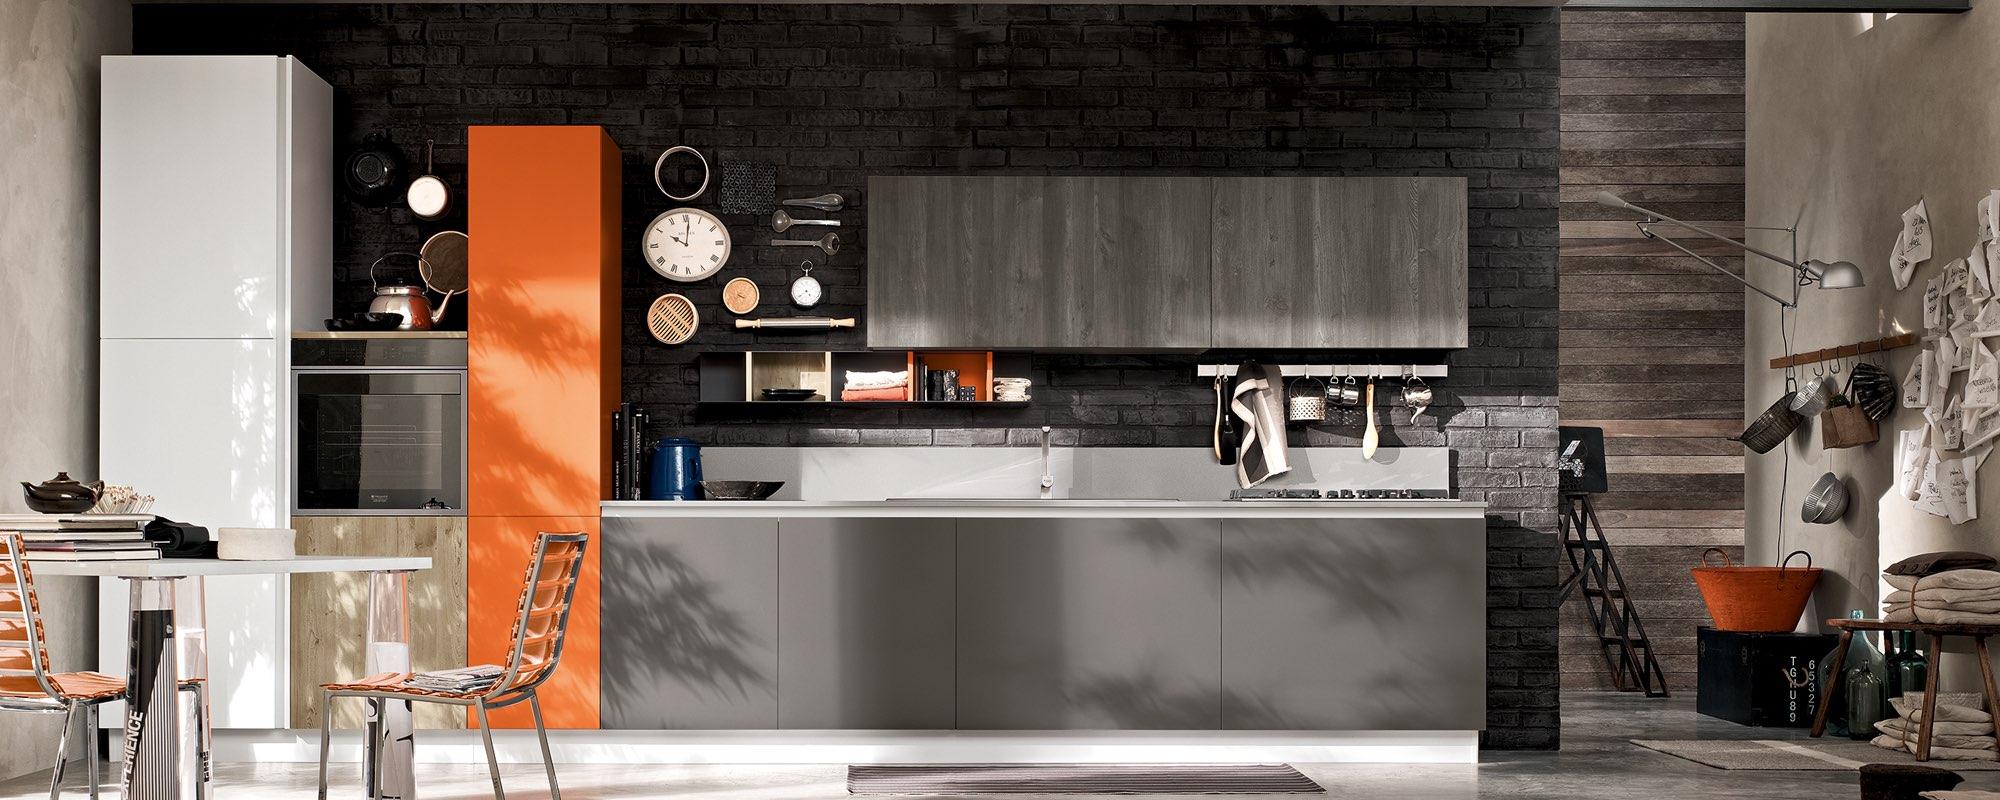 cucina componibile moderna con frigorifero bianco